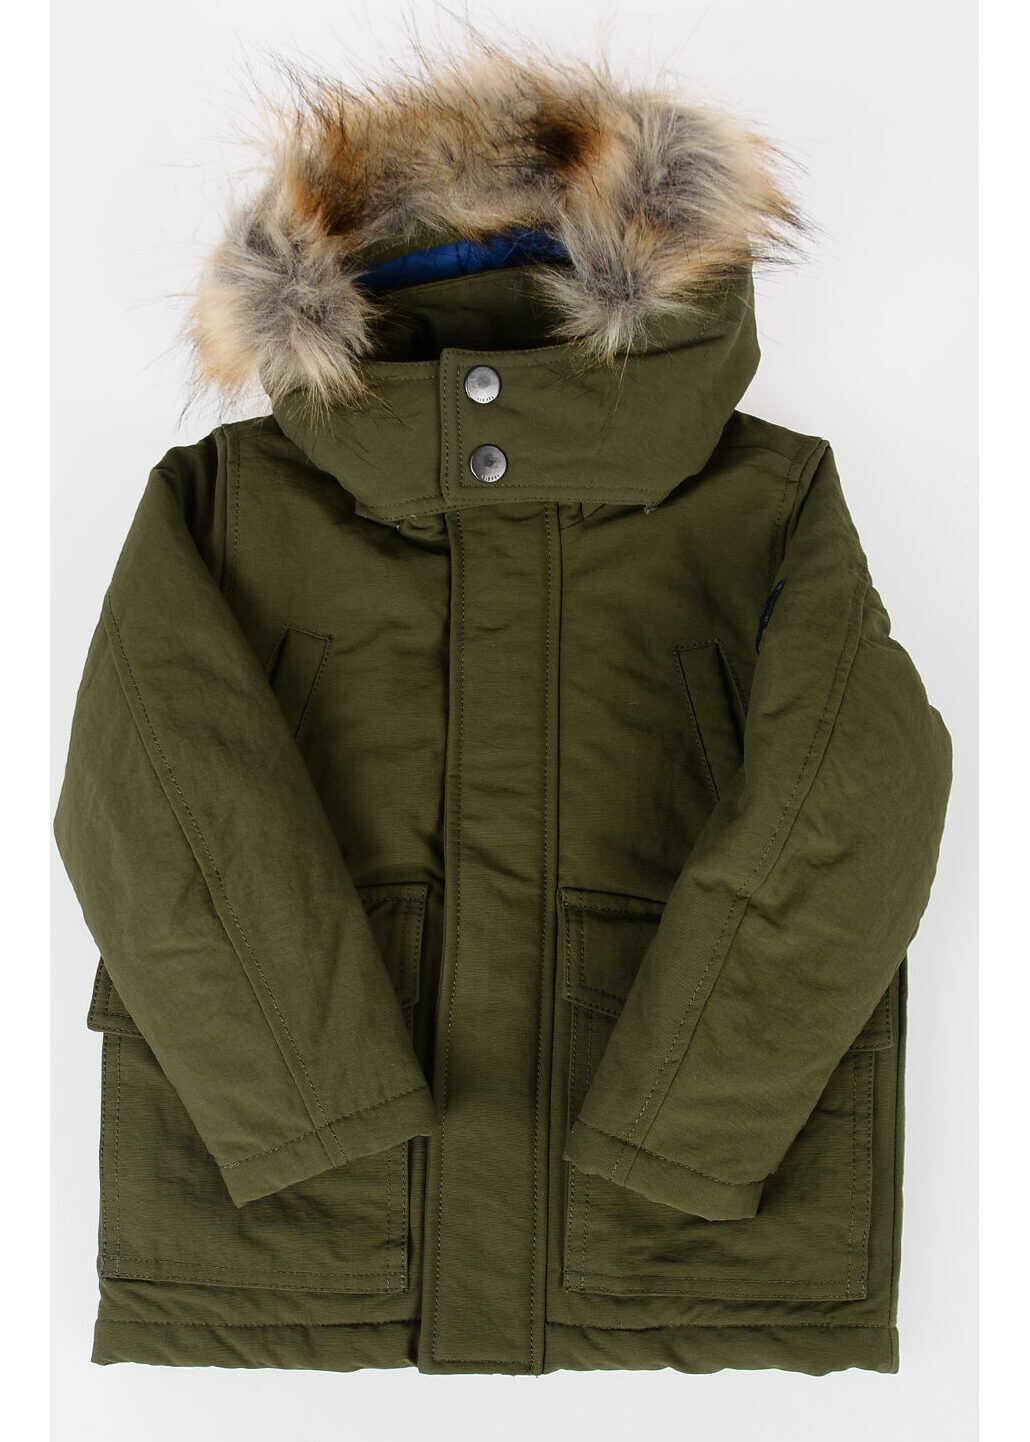 Nylon Hooded JERAX Jacket